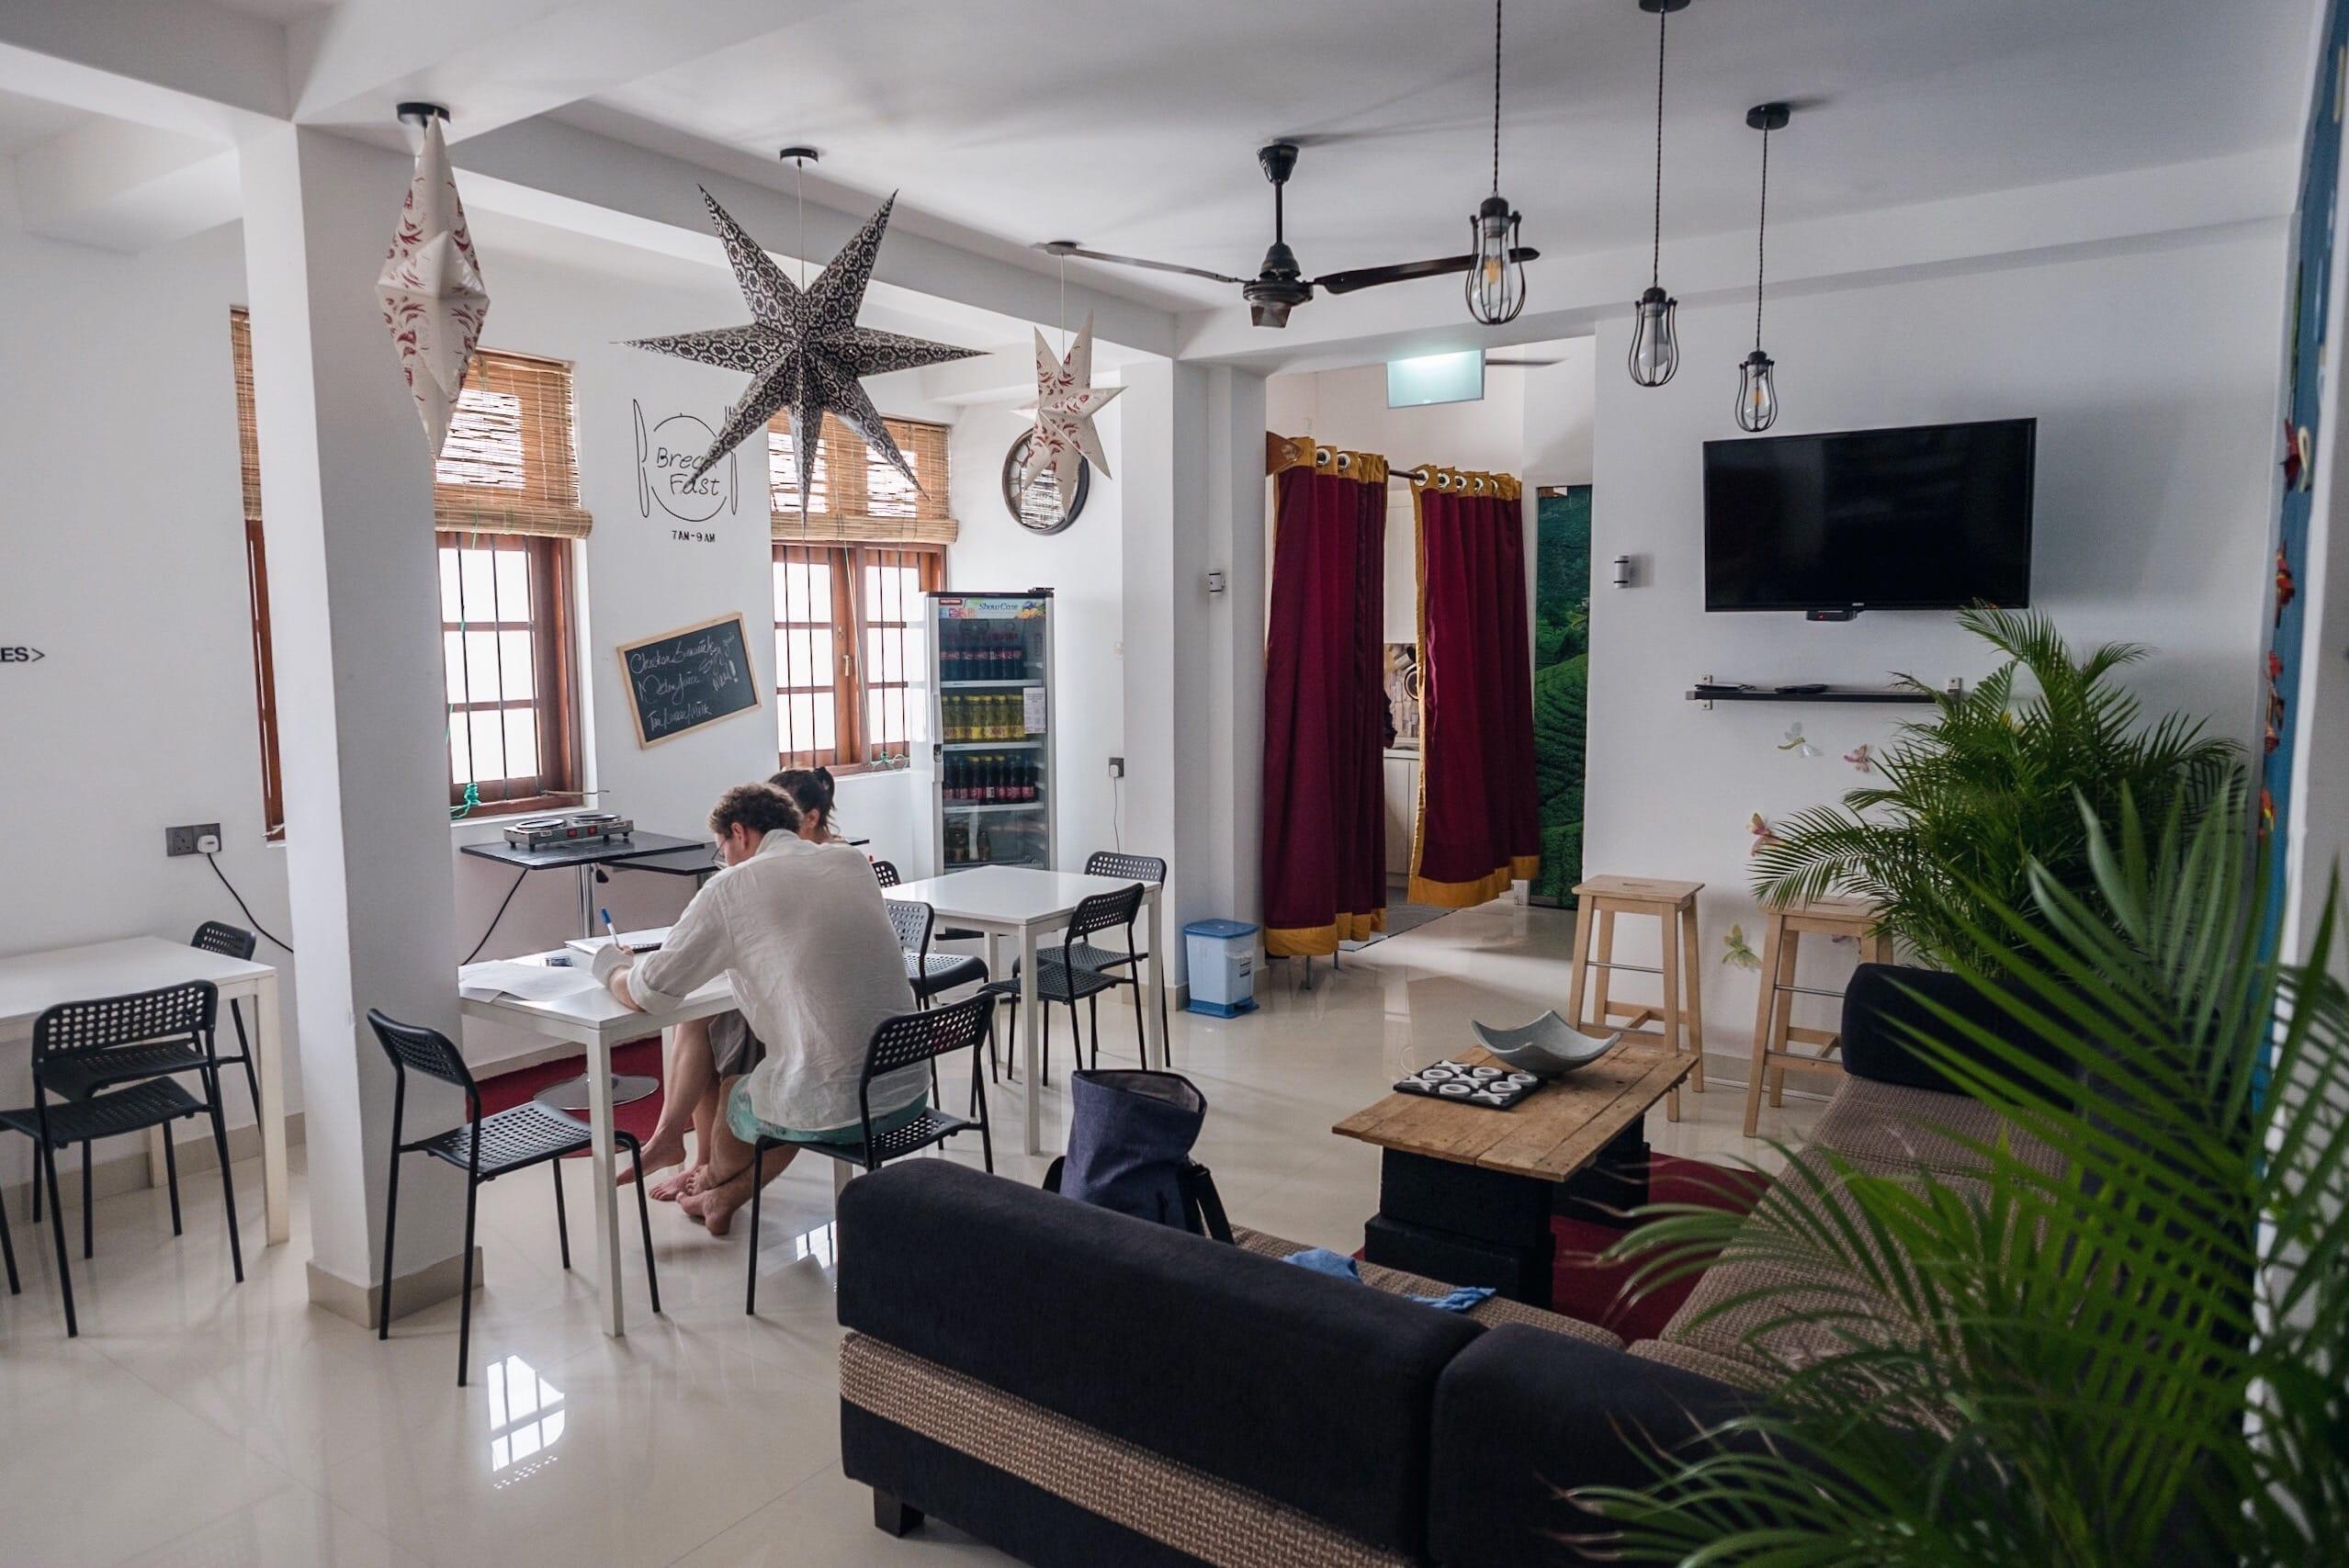 コロンボ市内おすすめのおしゃれな格安ホテル(ゲストハウス)4つ|スリランカ